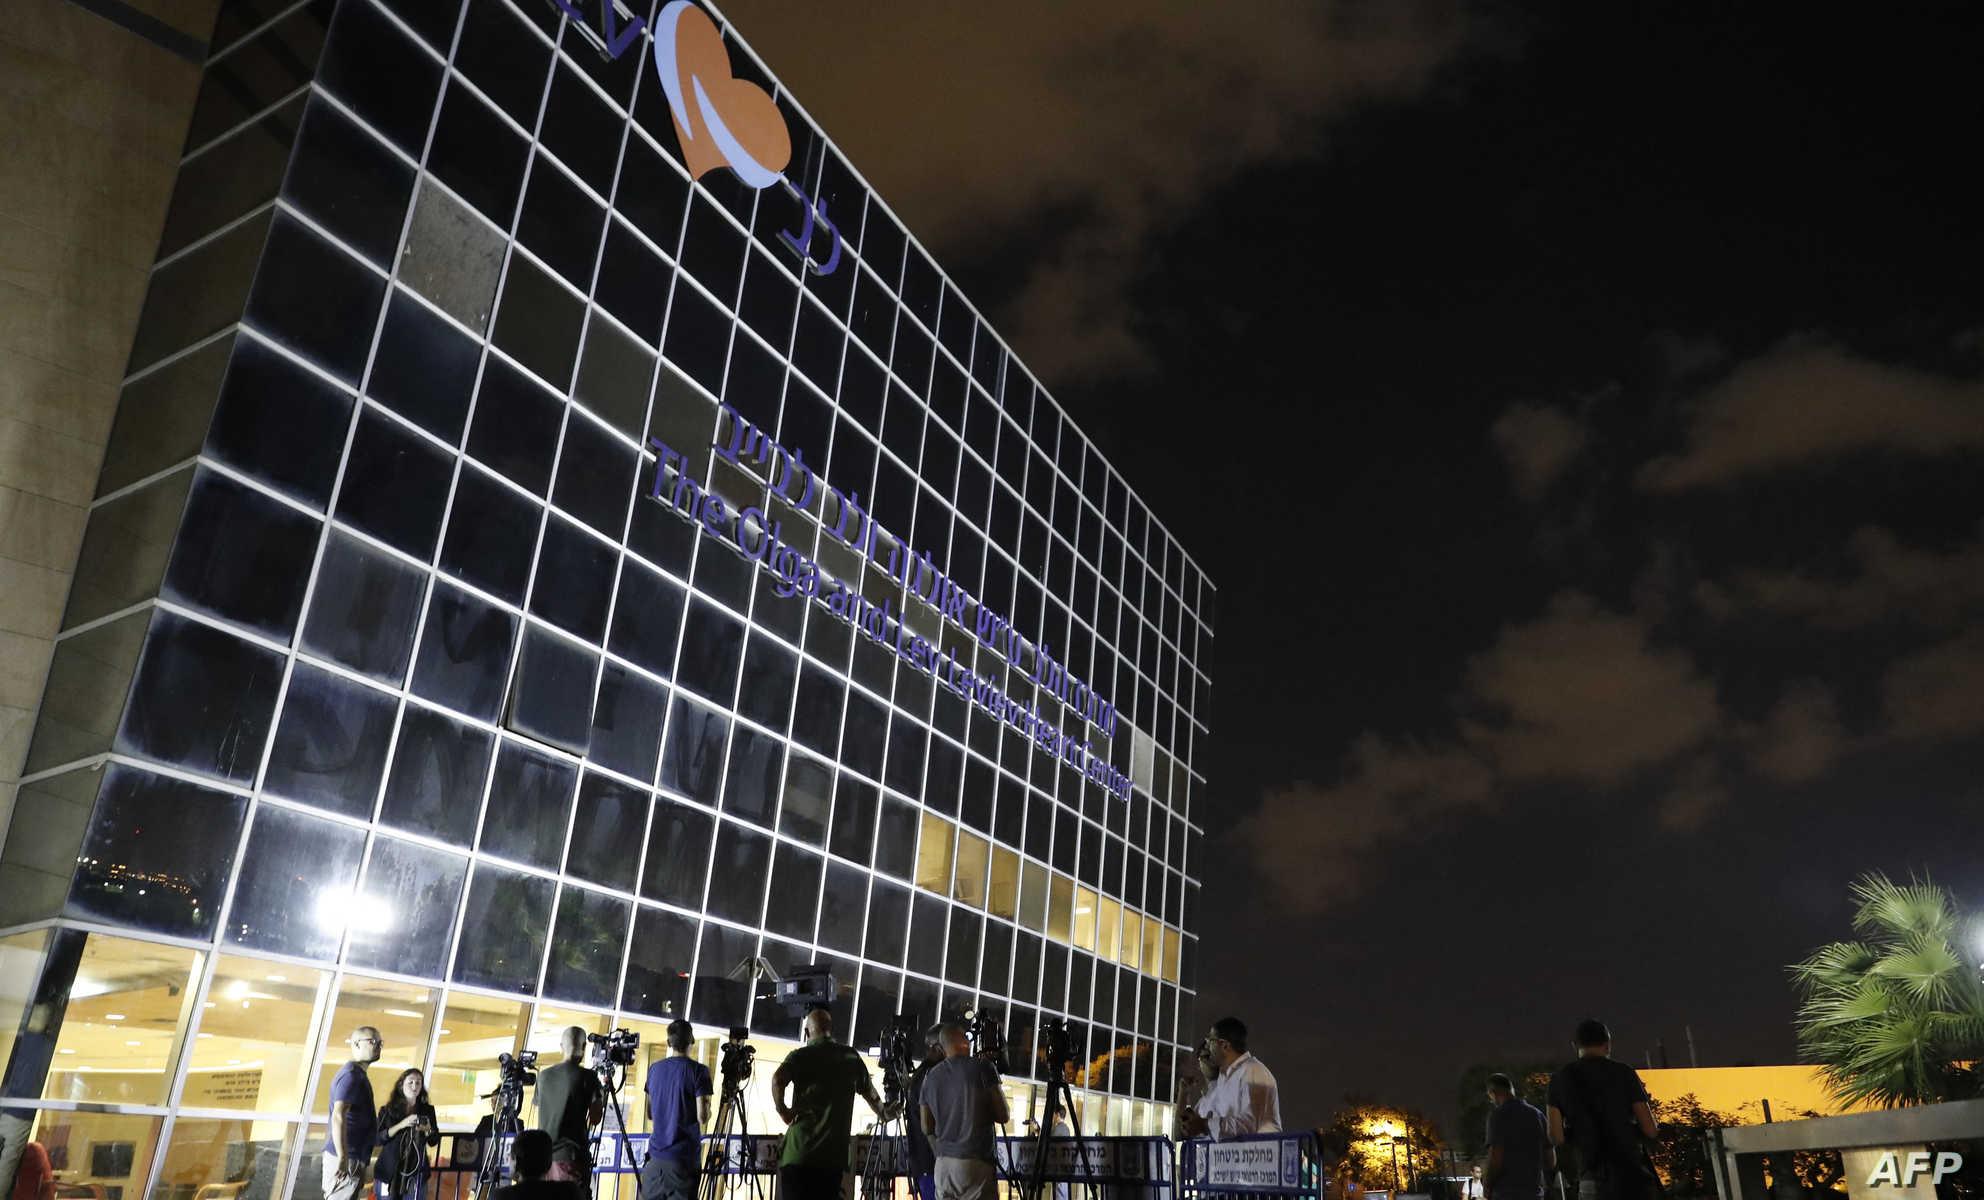 مستشفى شيبا الاسرائيلي يعالج مرضى الجيش الاماراتي